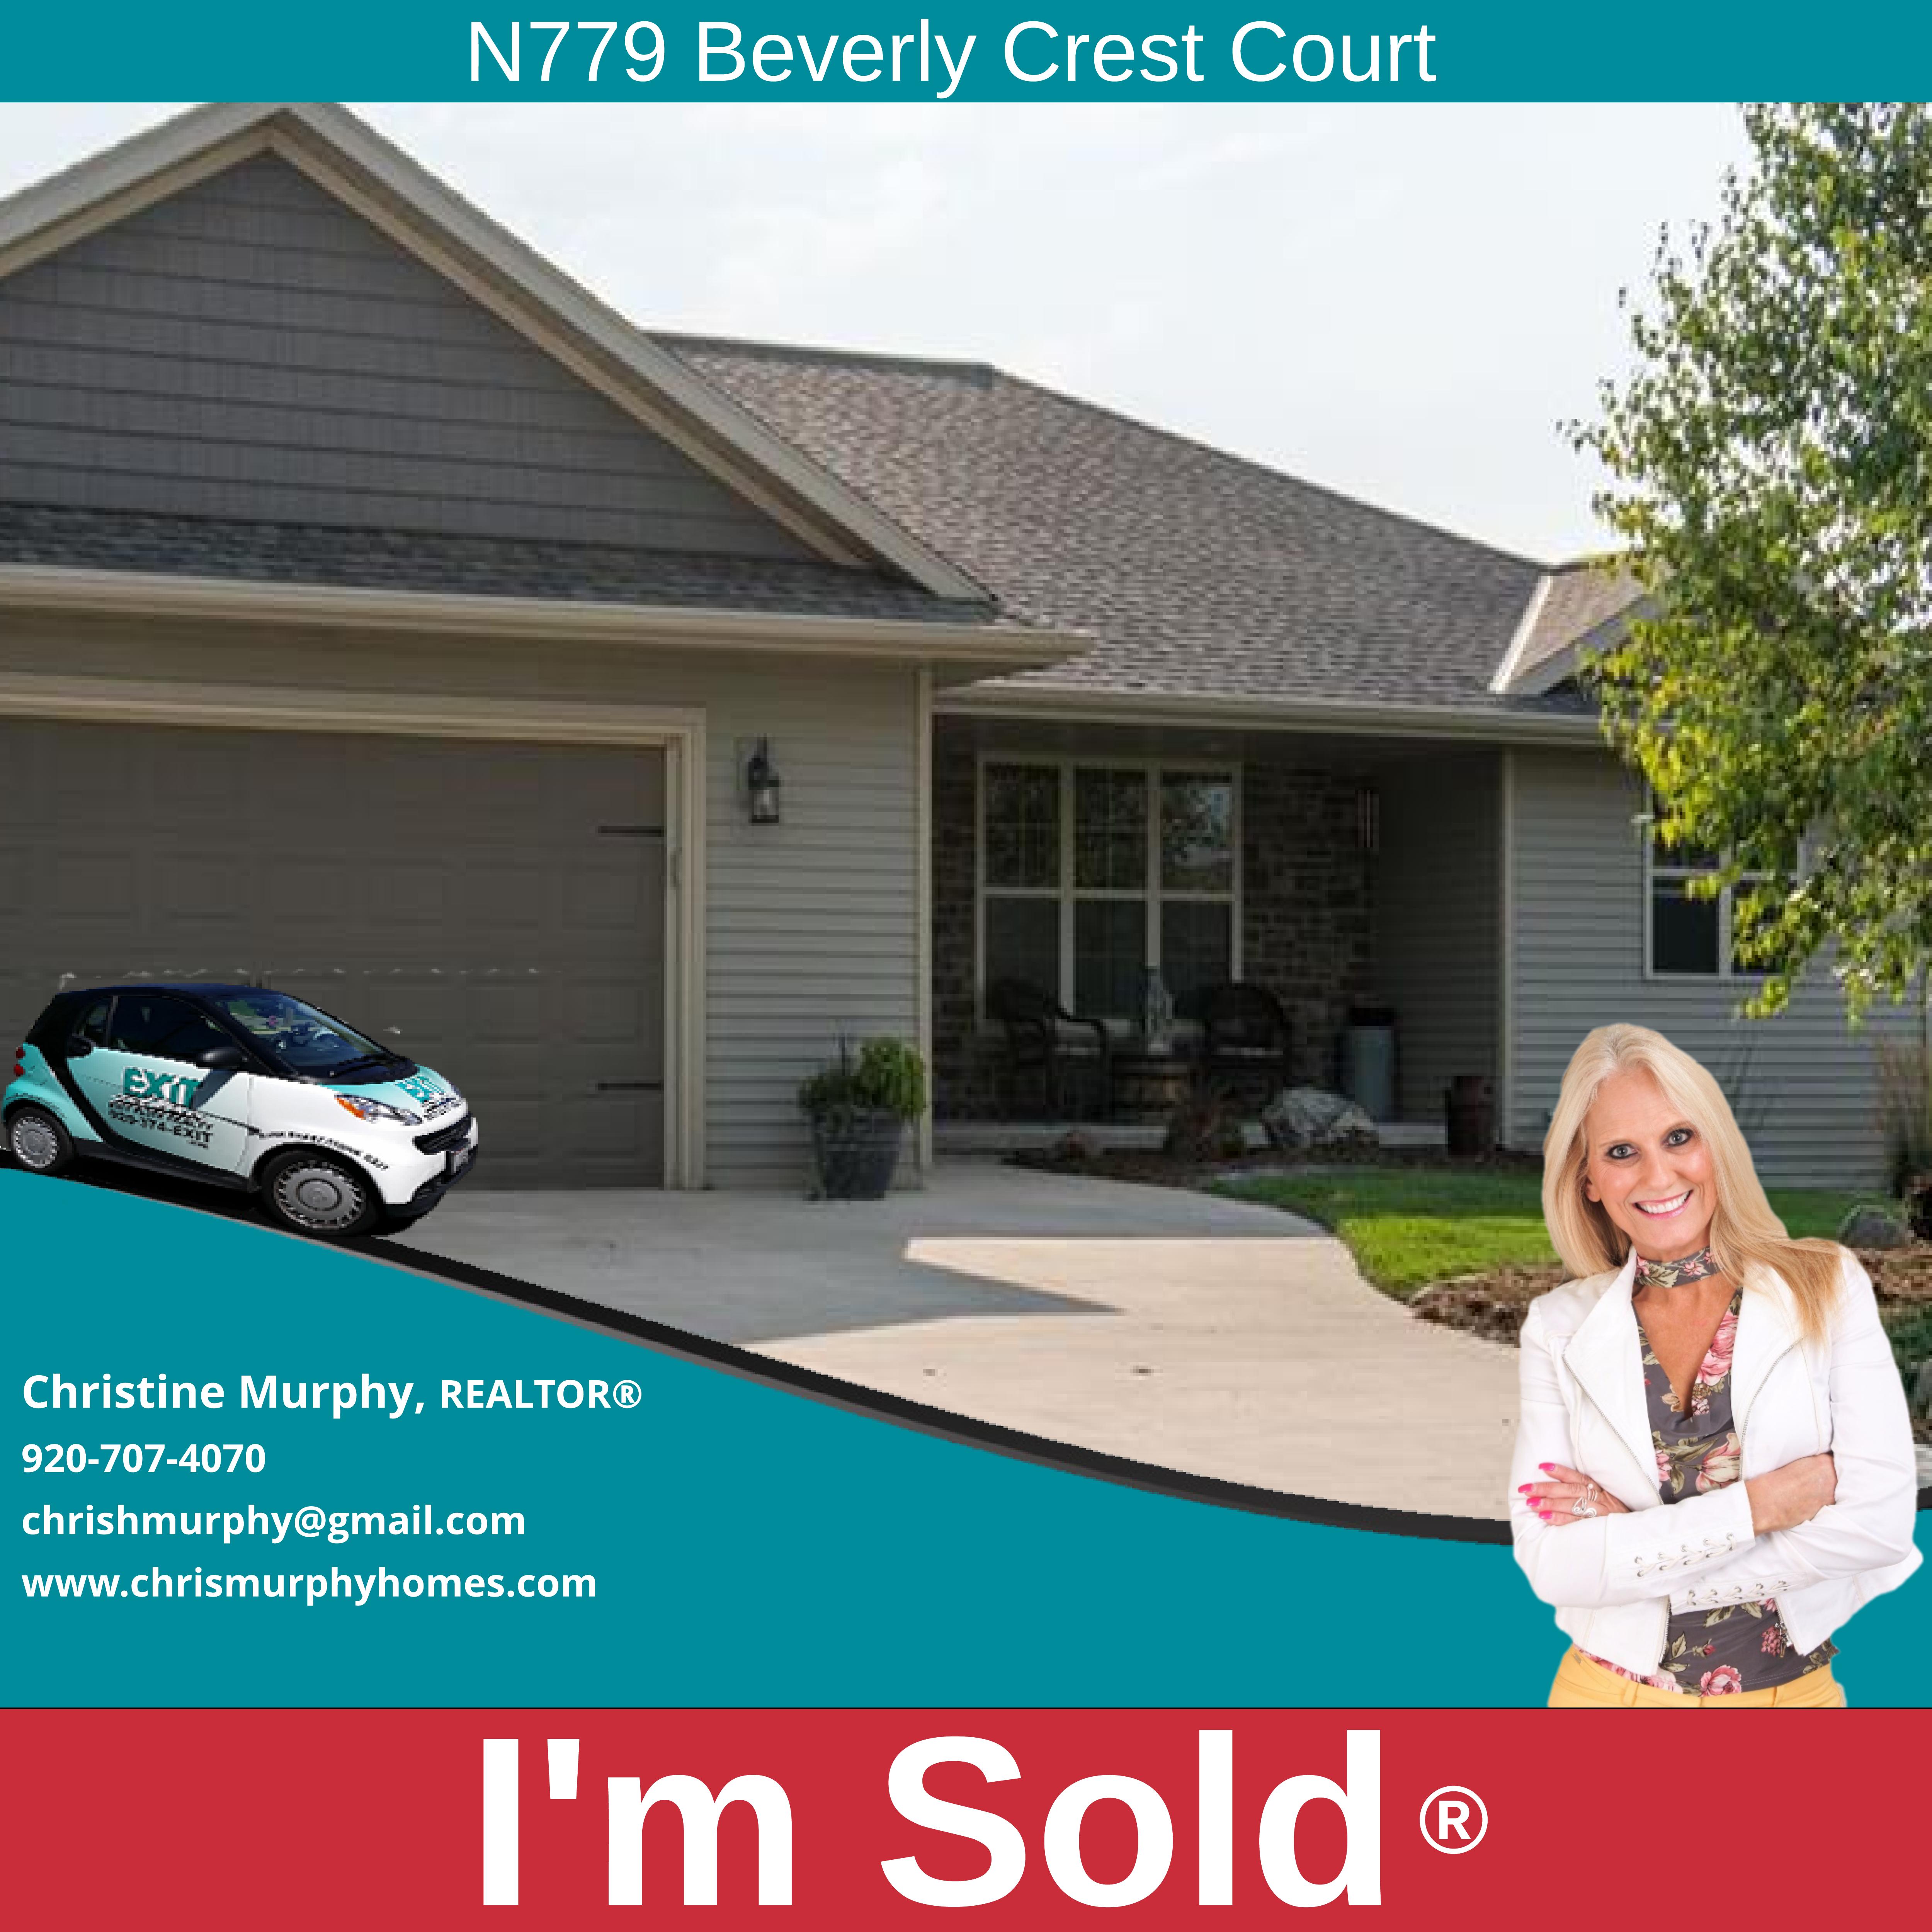 N779 Beverly Crest Court